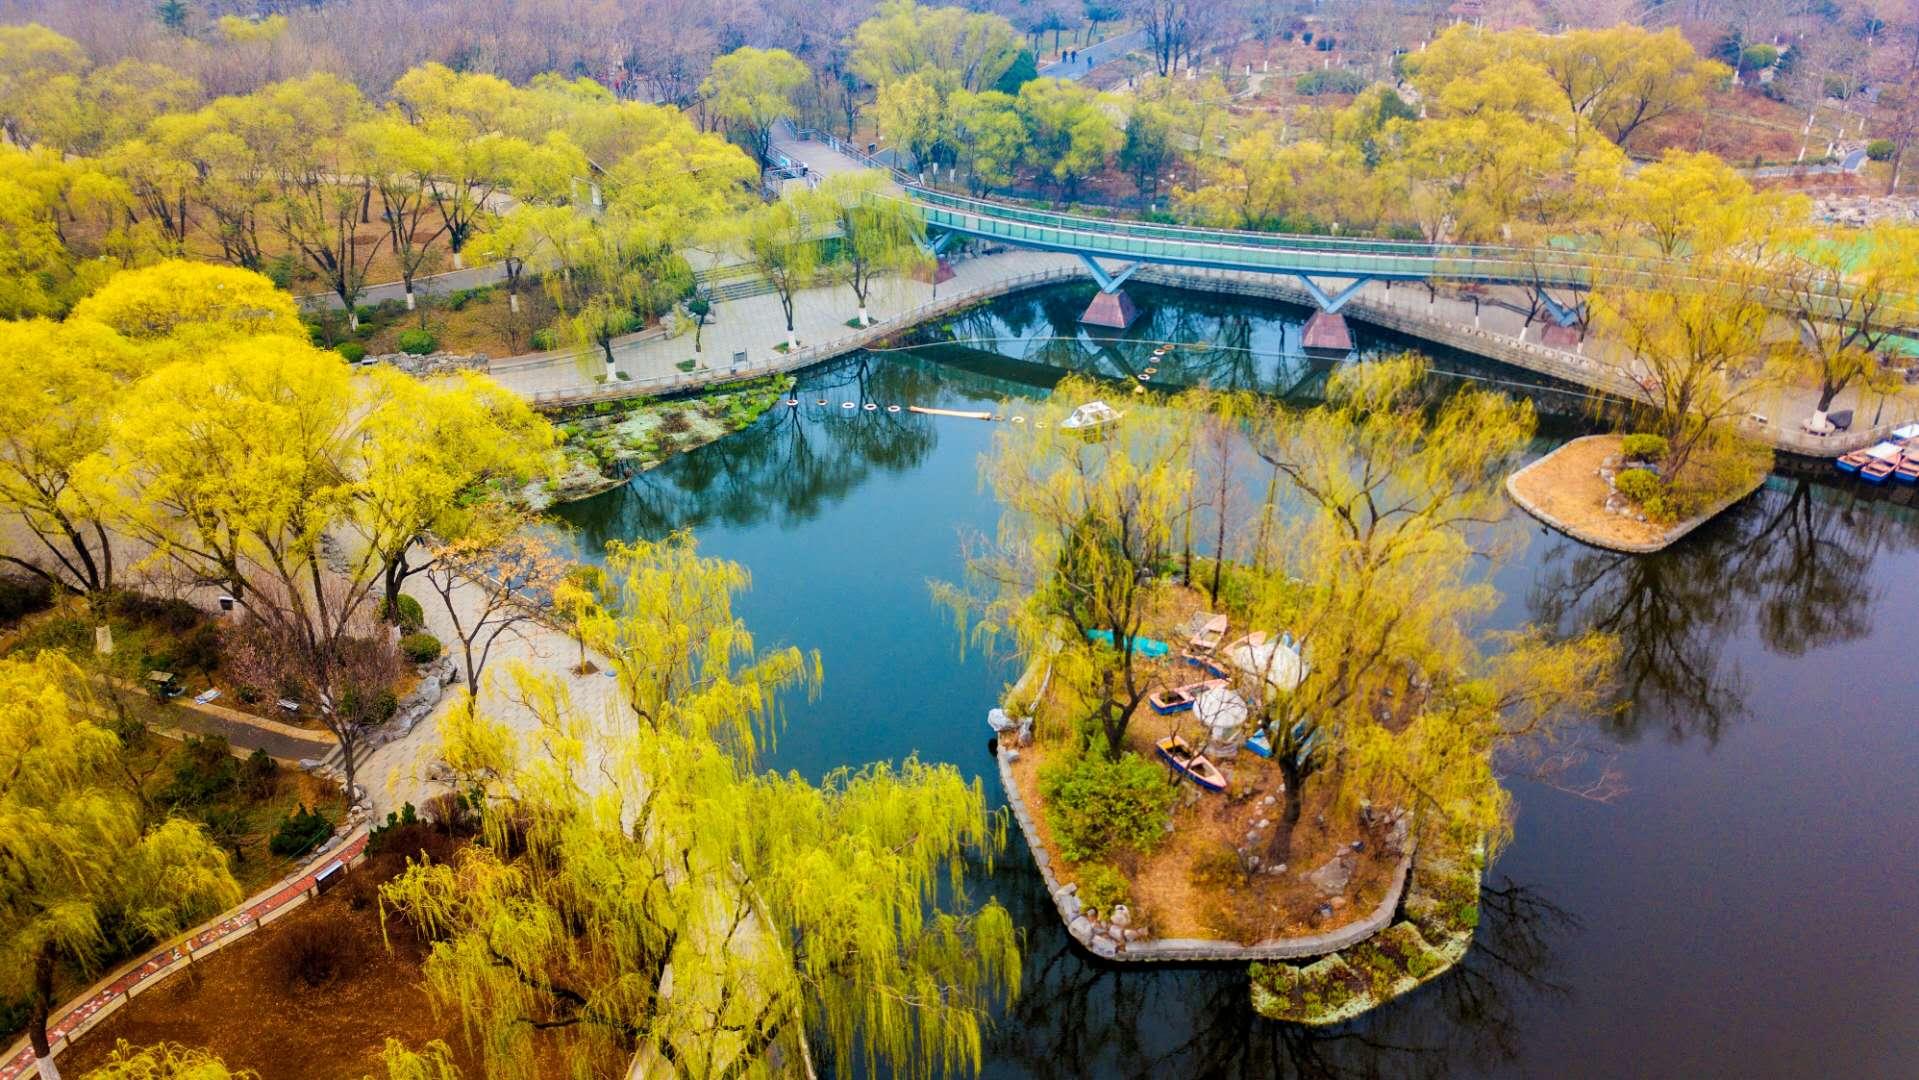 航拍泉城公园绿柳成荫 春色满园入画来